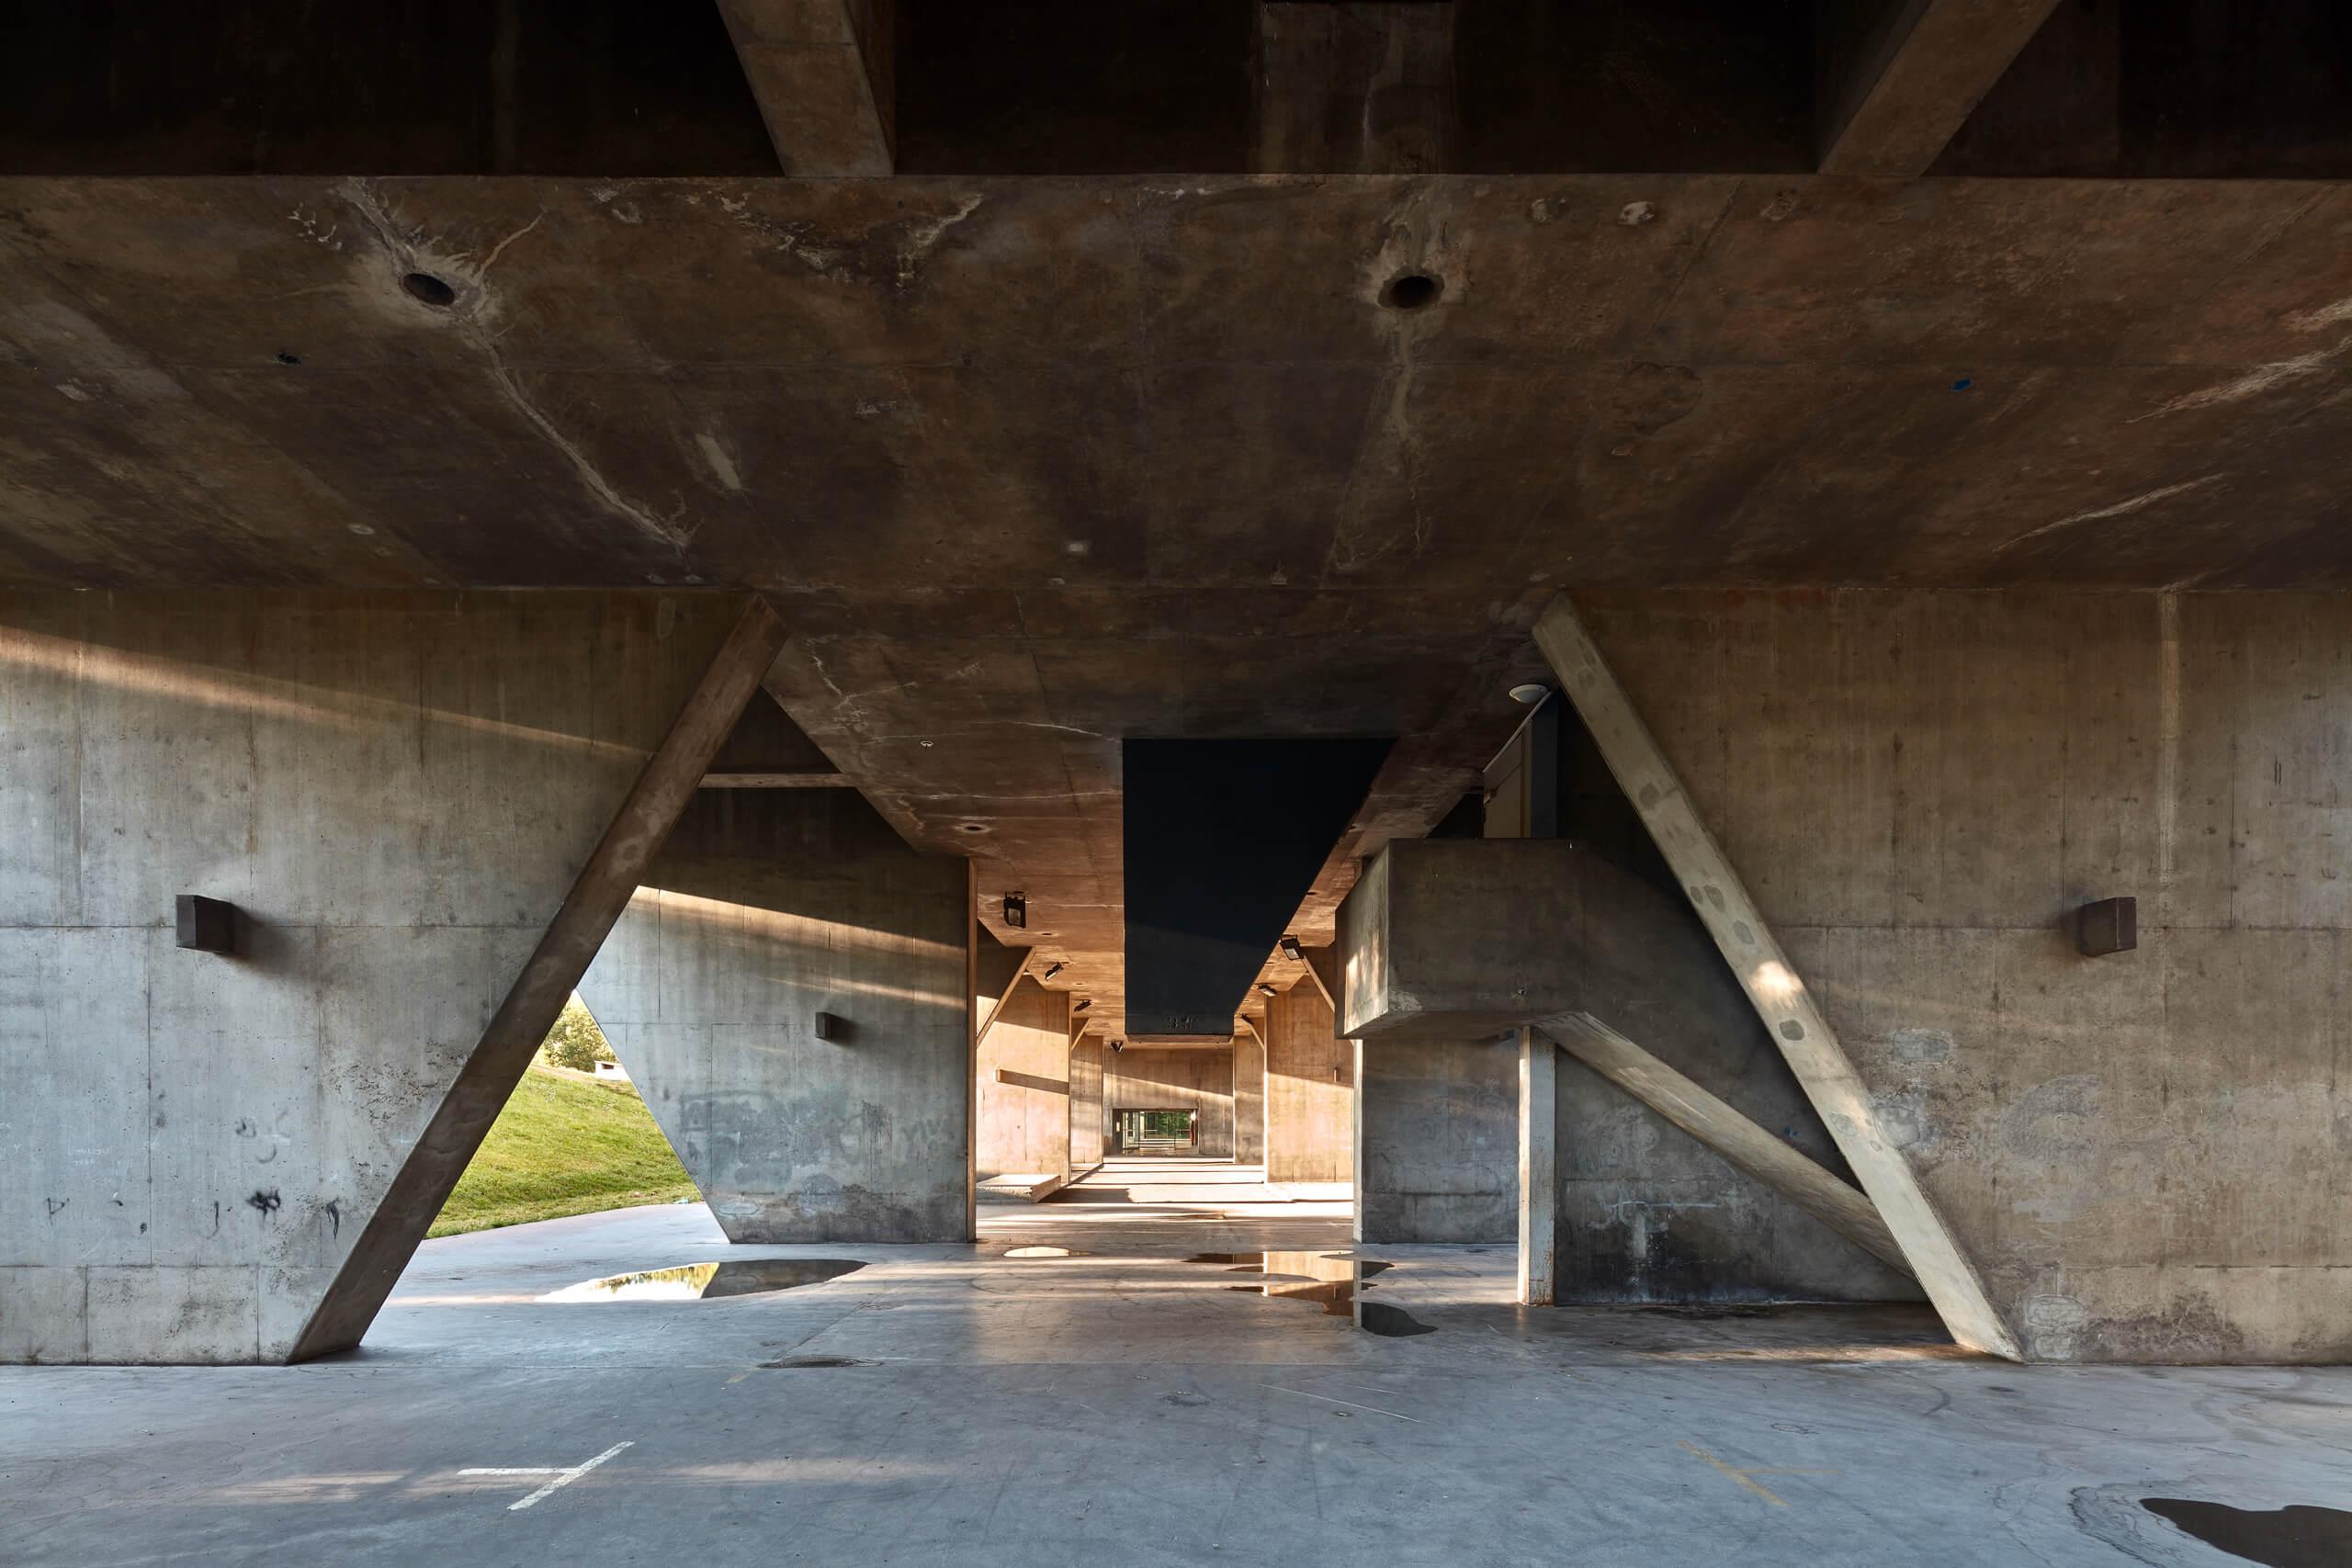 Federico_Covre_Unité_Firminy_Le_Corbusier_2018_17